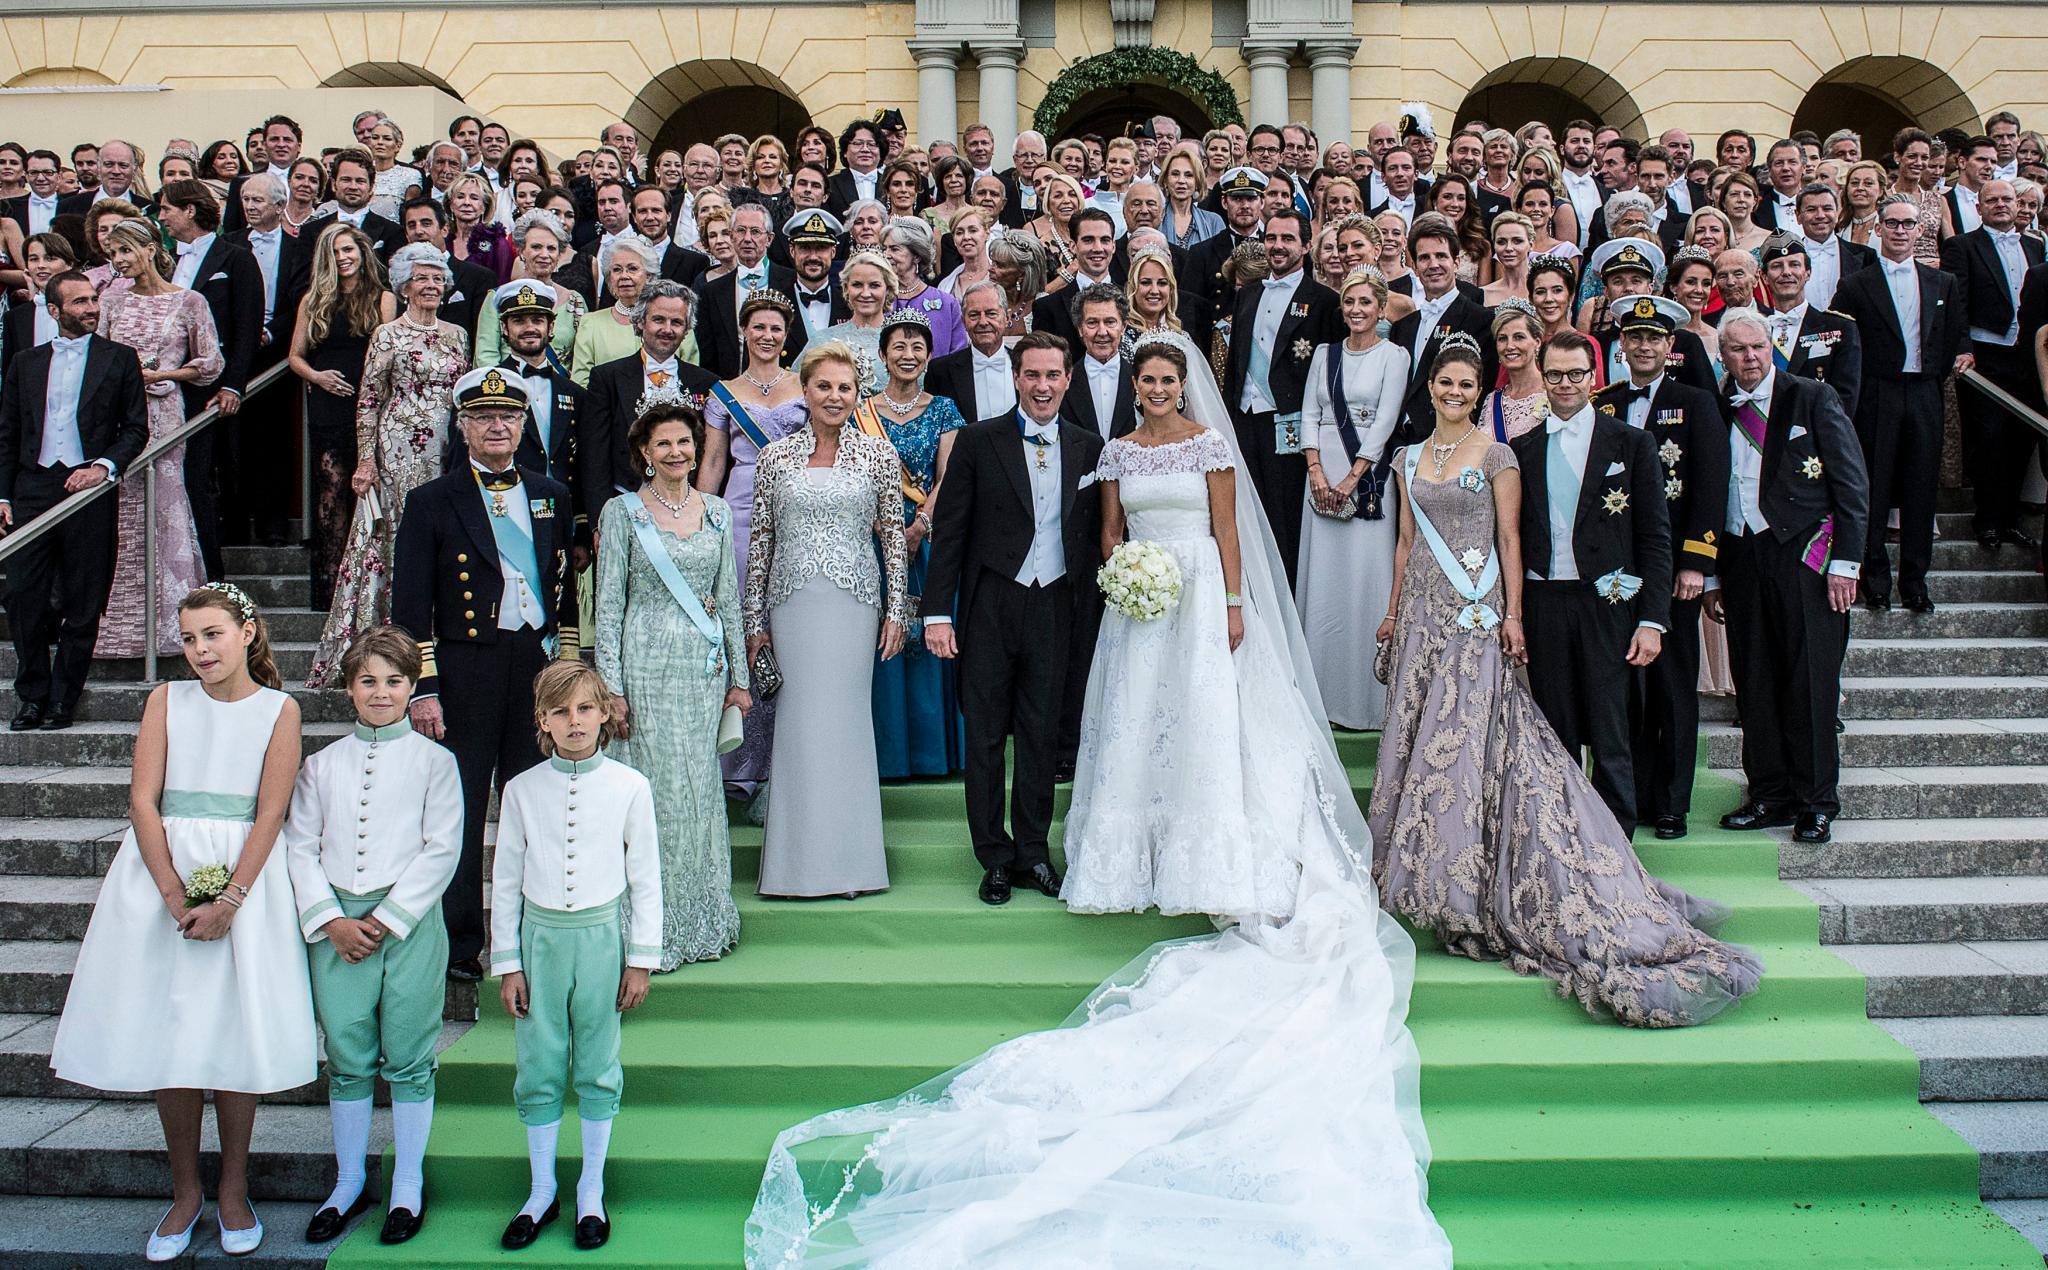 Das große Abschlussbild auf der Treppe vor Schloss Drottningholm, wo das Galabankett zu Ehren des Brautpaares stattfindet.